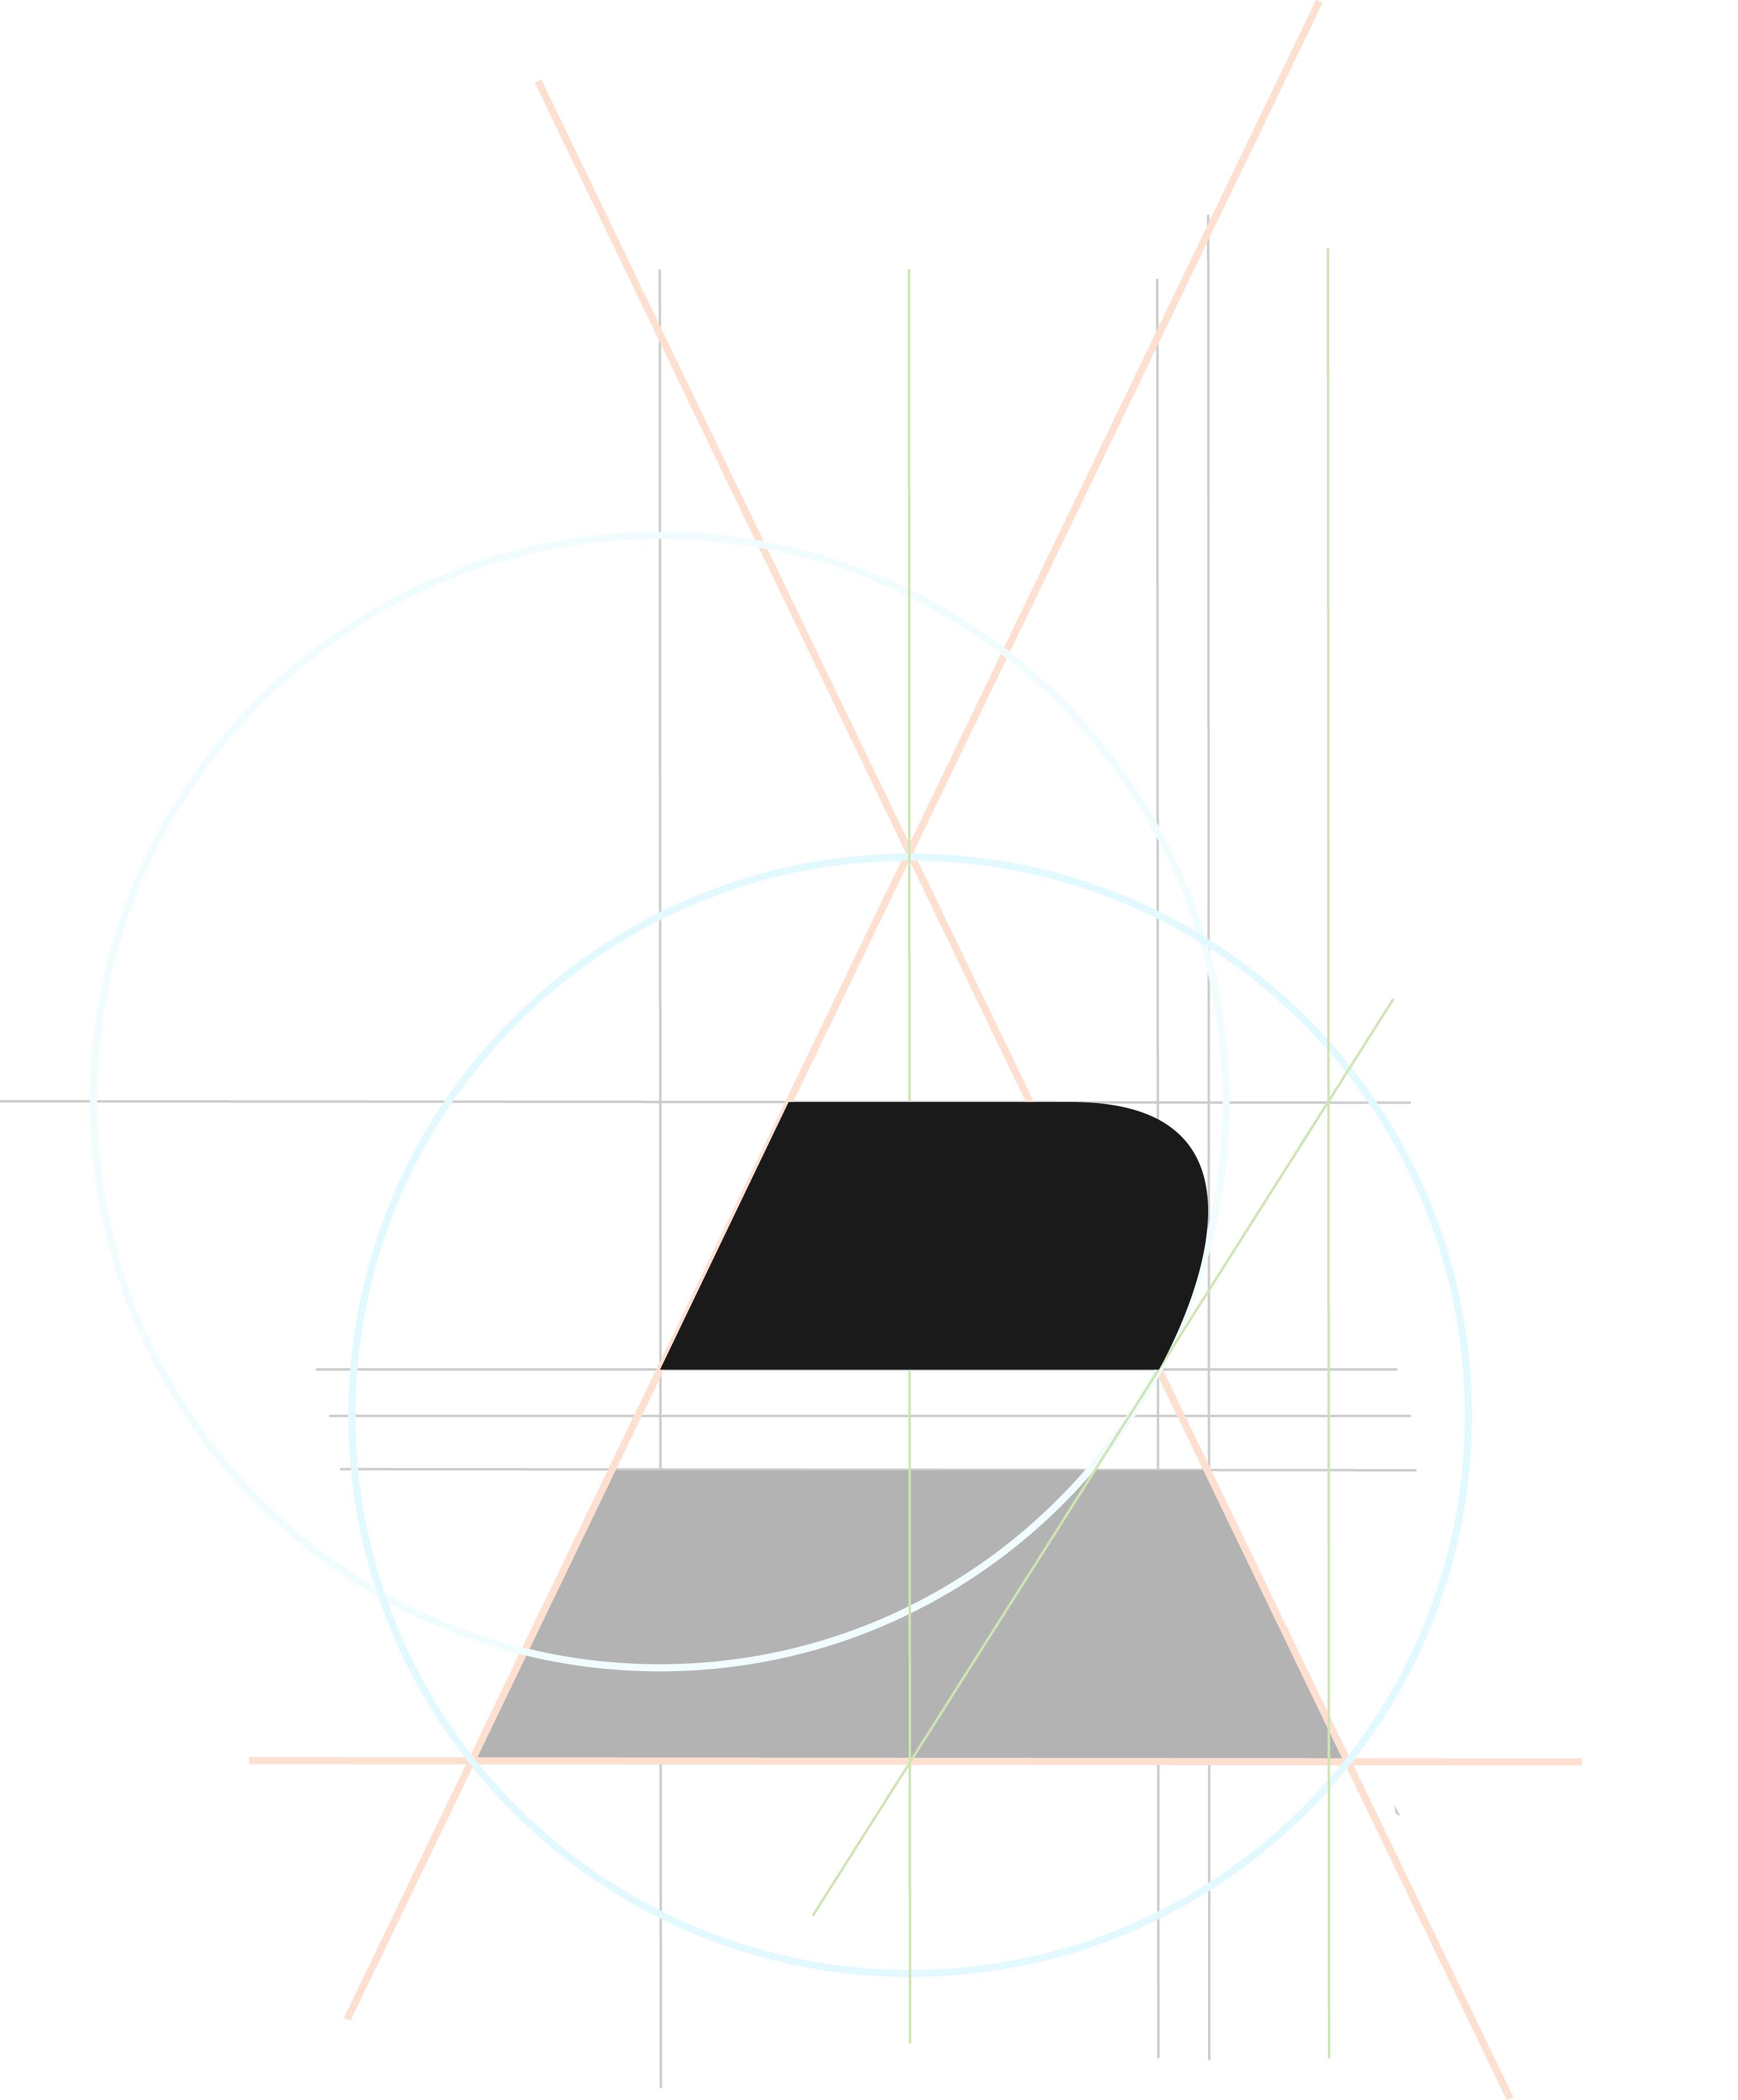 aregel_logo_ci_fertig_concept6